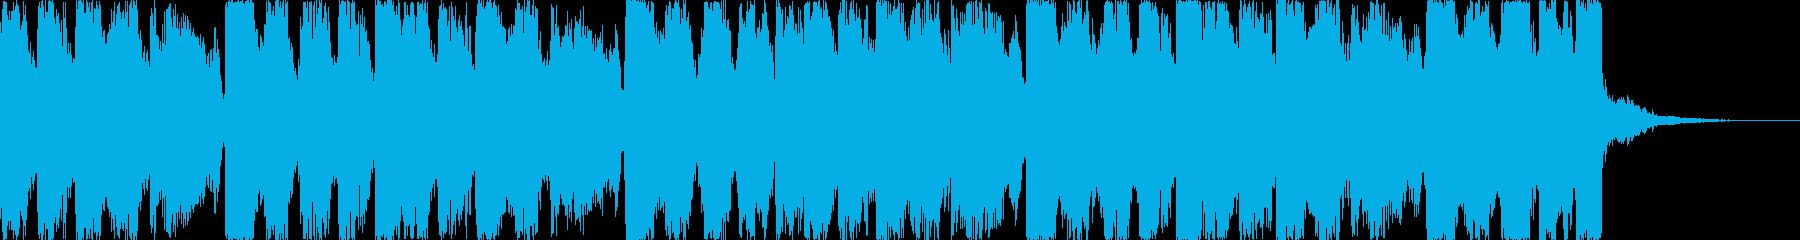 おしゃれコーポレートコマーシャルEDMeの再生済みの波形